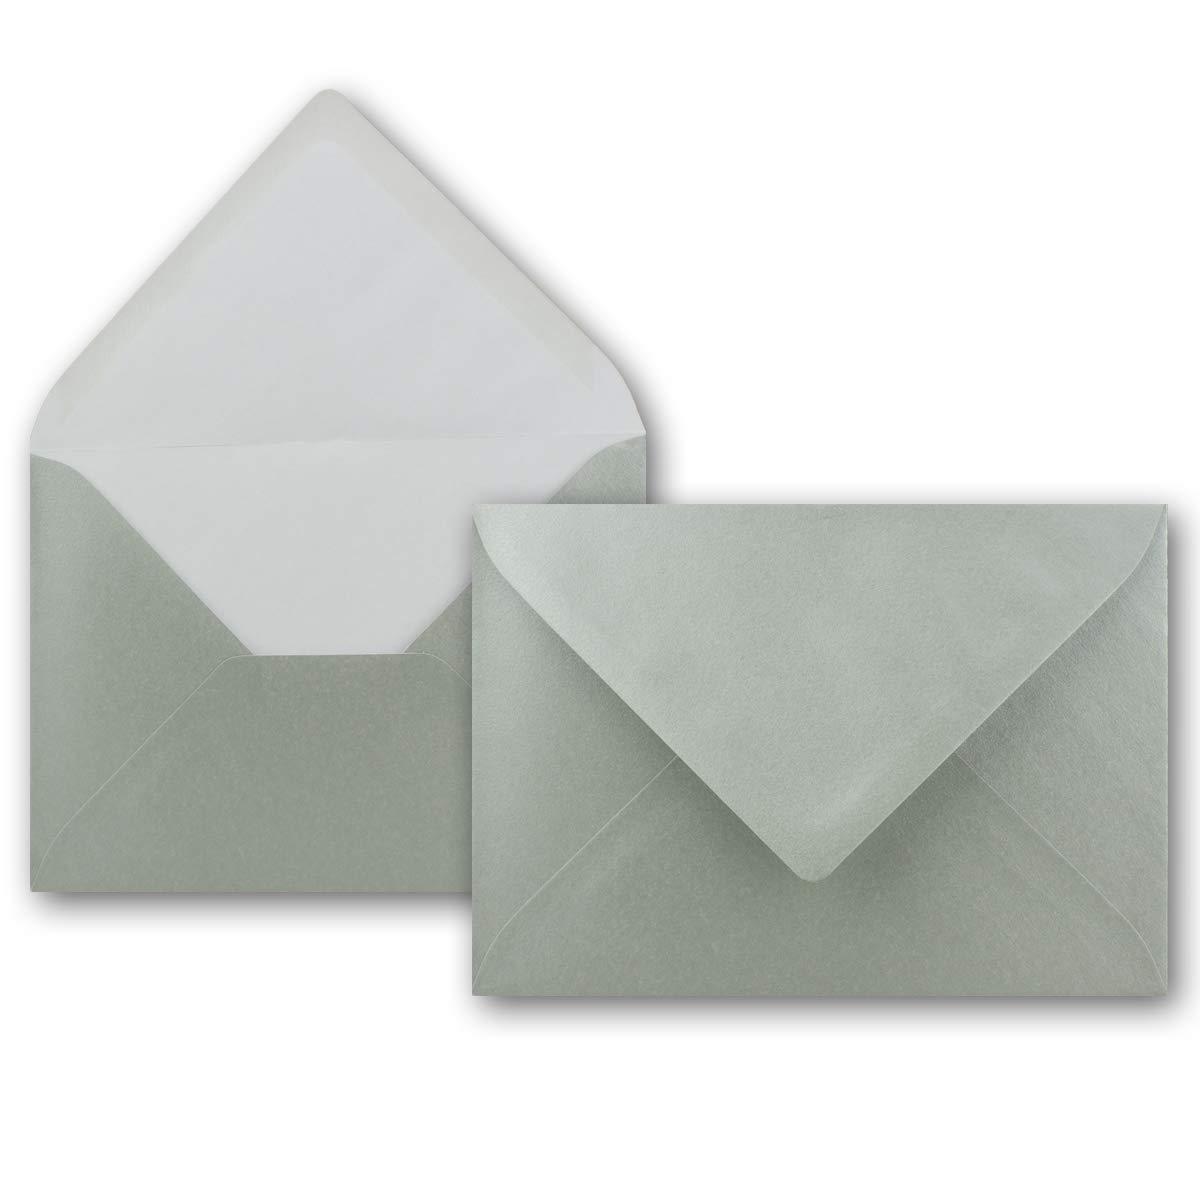 Brief-Umschläge in Nachtblau   150 Stück   DIN C5 KuGrüns 220 x 154 mm - Nassklebung ohne Fenster - Weihnachten, Grußkarten   Serie FarbenFroh® B07BPTNXNV | Neuheit Spielzeug